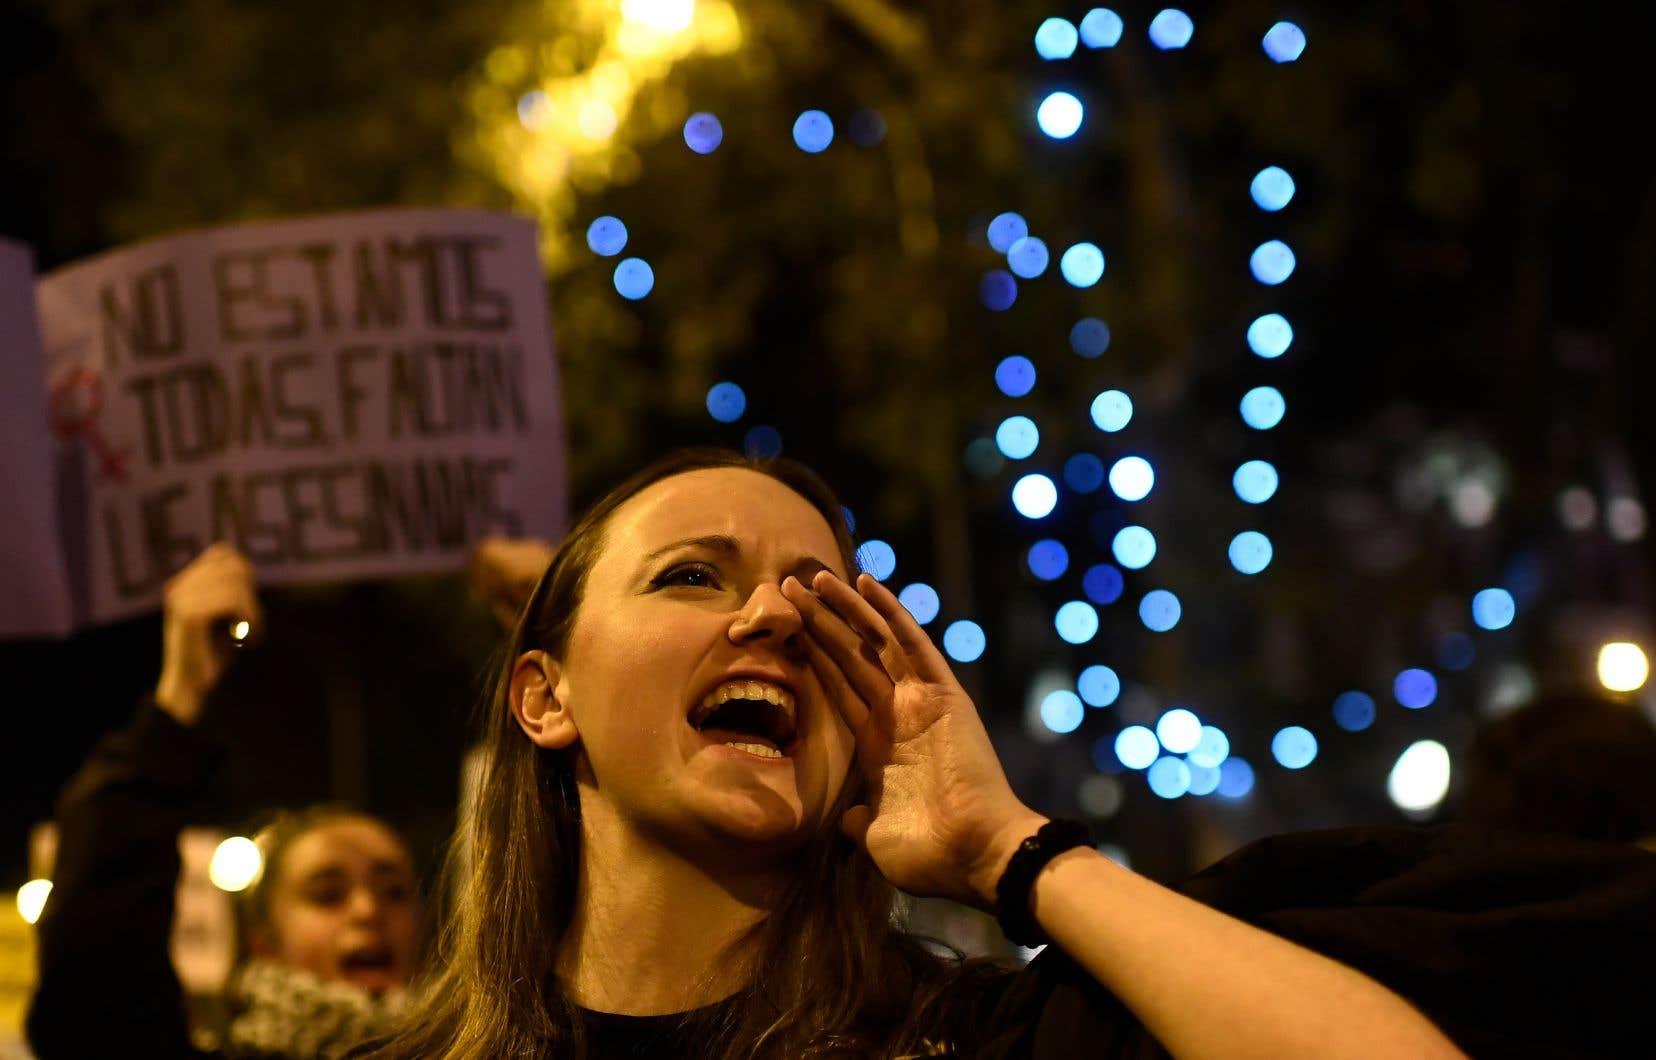 Une manifestation marquait la Journée internationale pour l'élimination de la violence faite aux femmes, à Madrid en 2019.